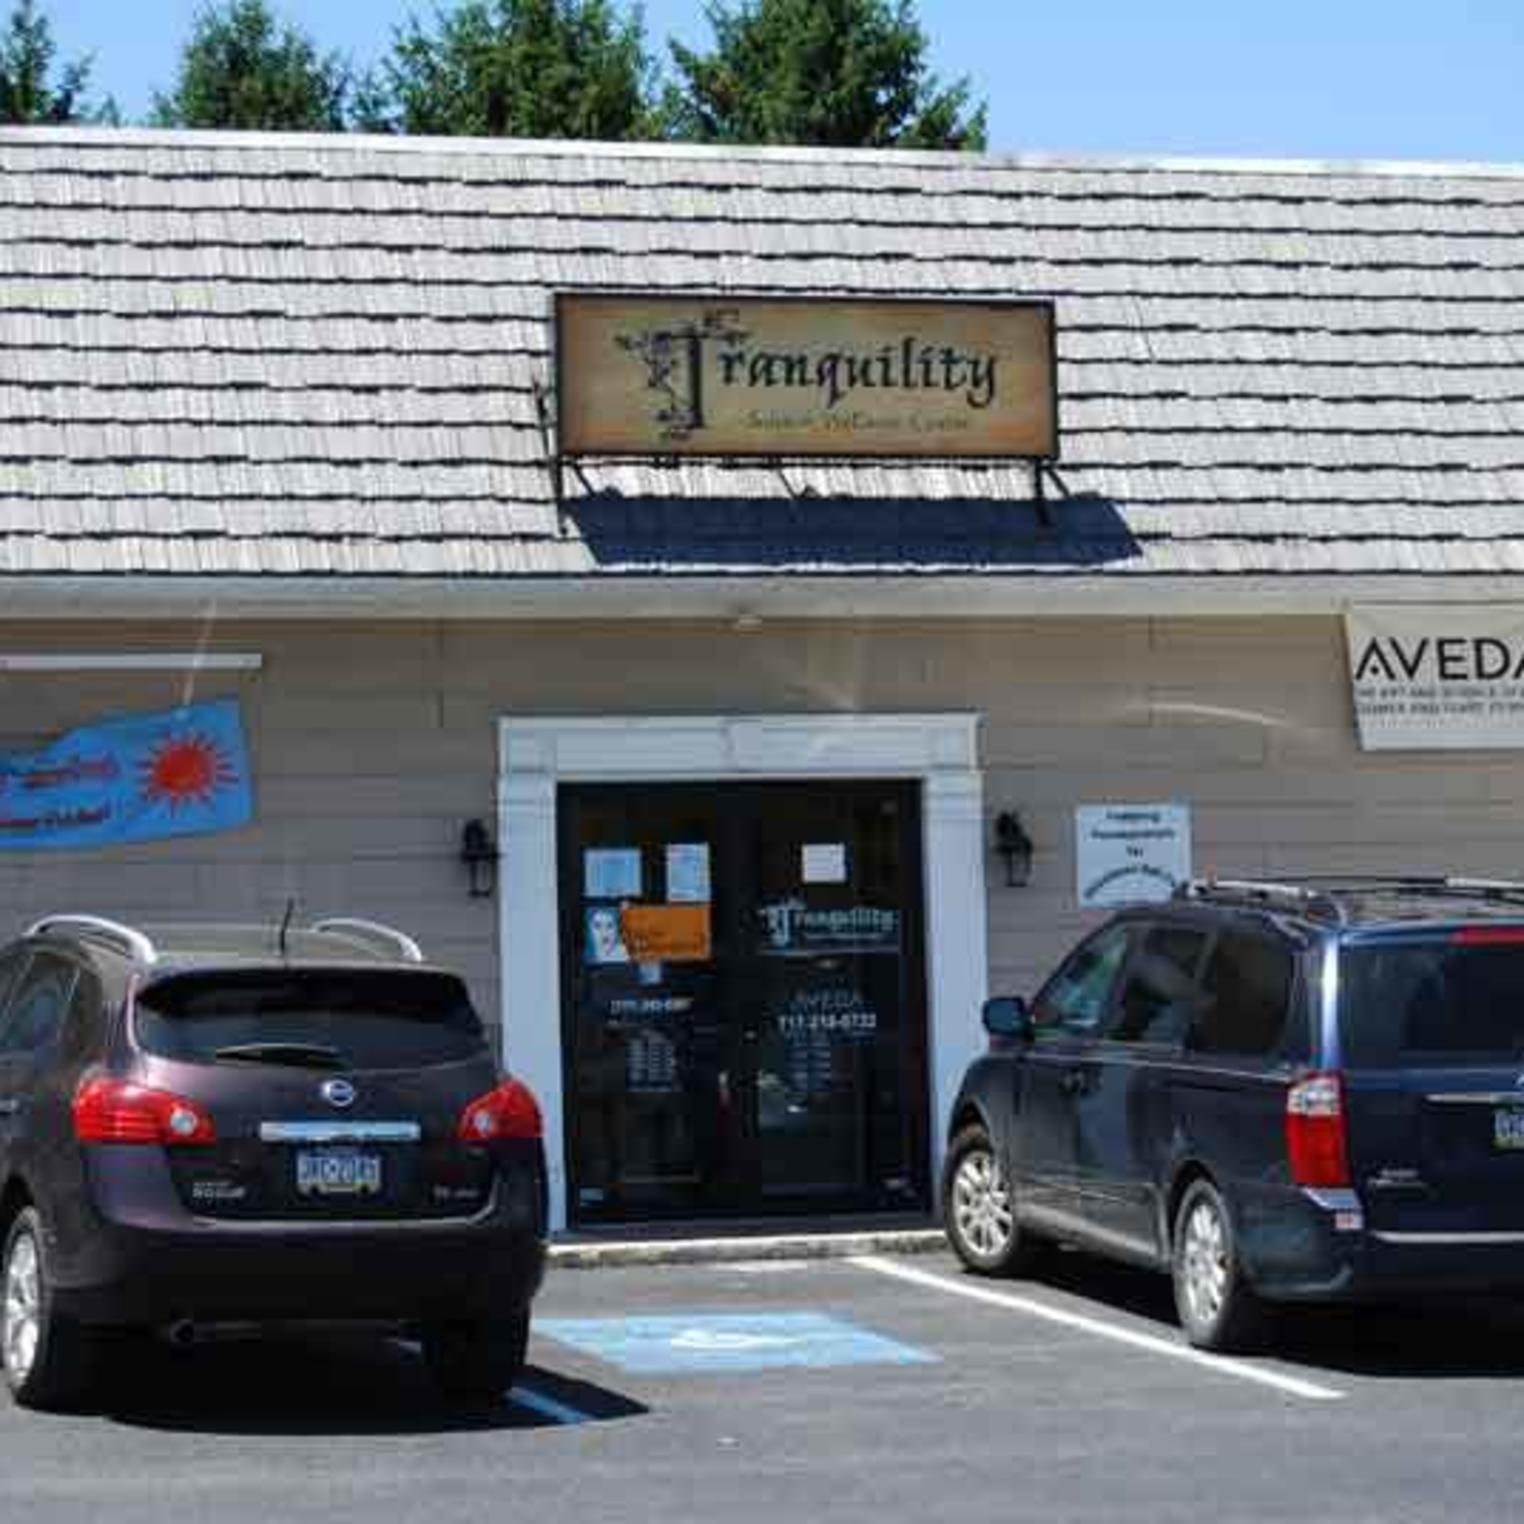 Tranquility Salon & Wellness Center